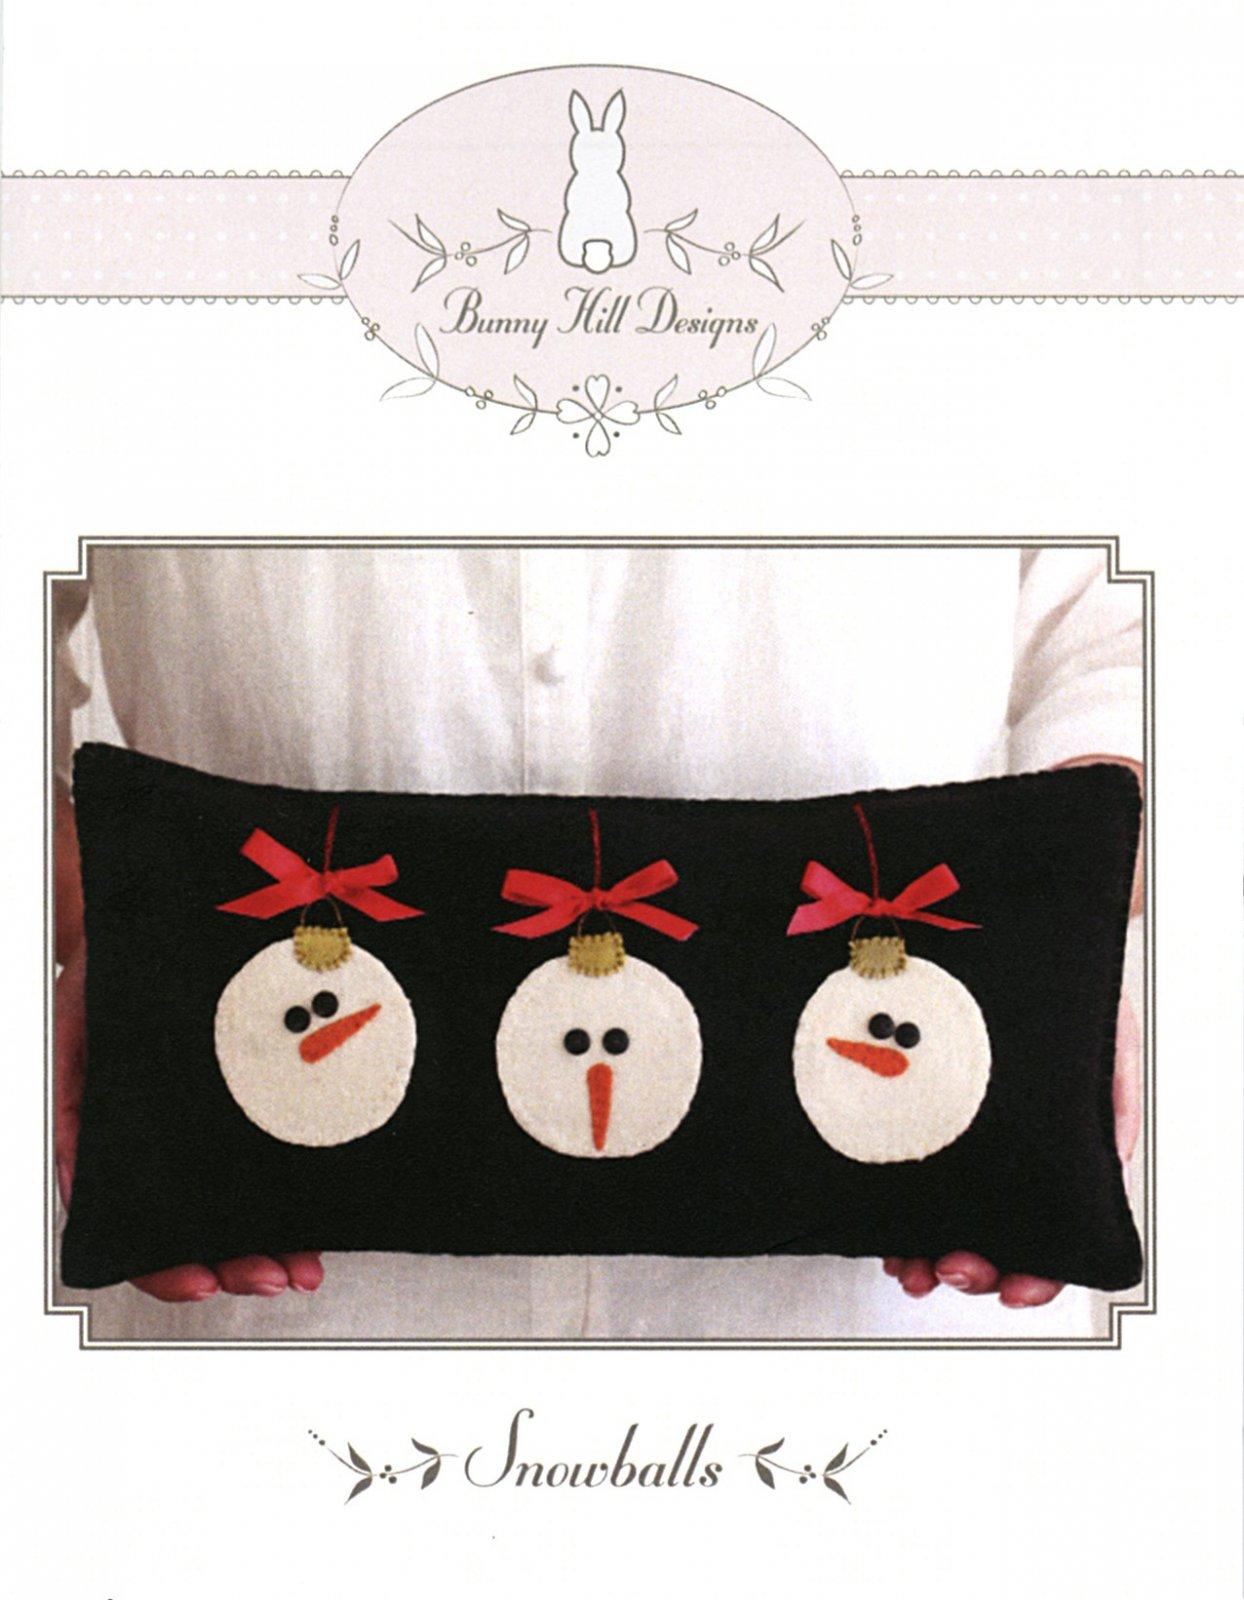 Petites - Snowballs Pillow